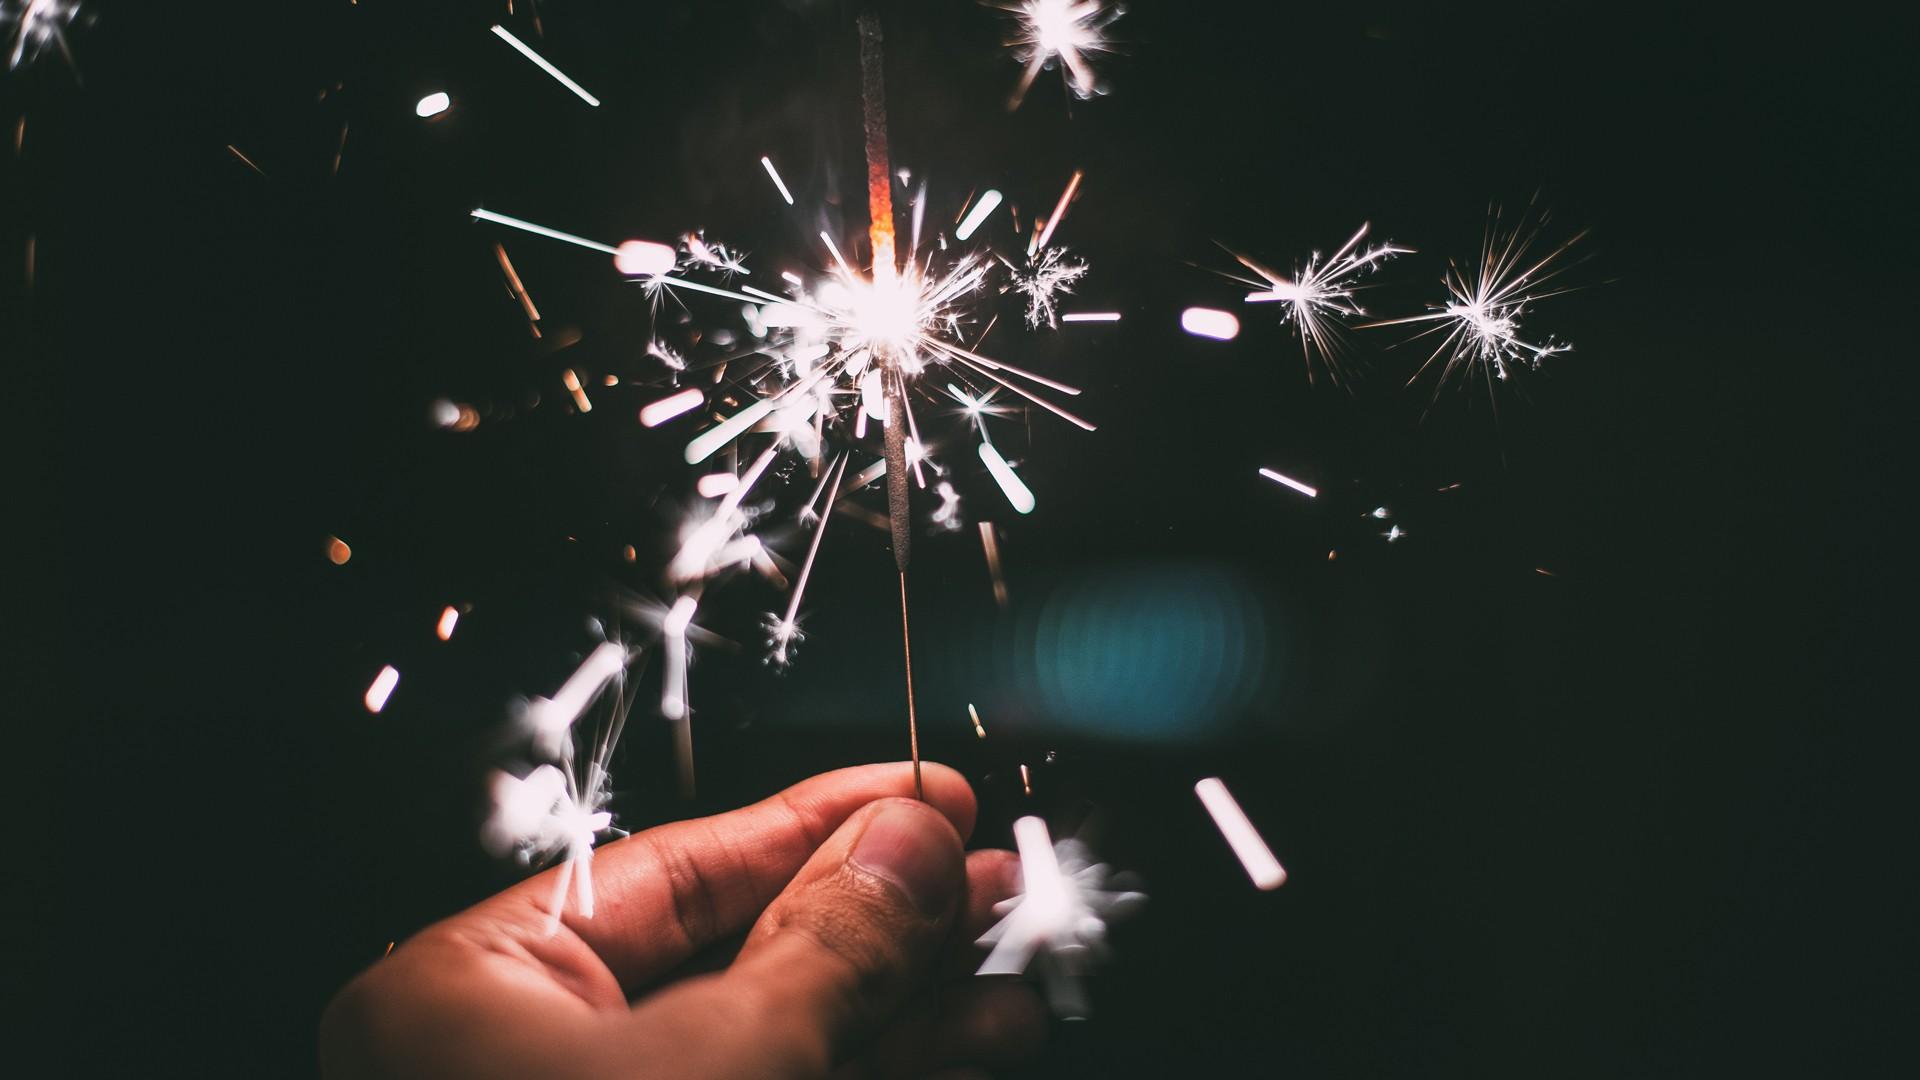 10 fonds d cran pour souhaiter une bonne ann e 2017 for Fond decrand